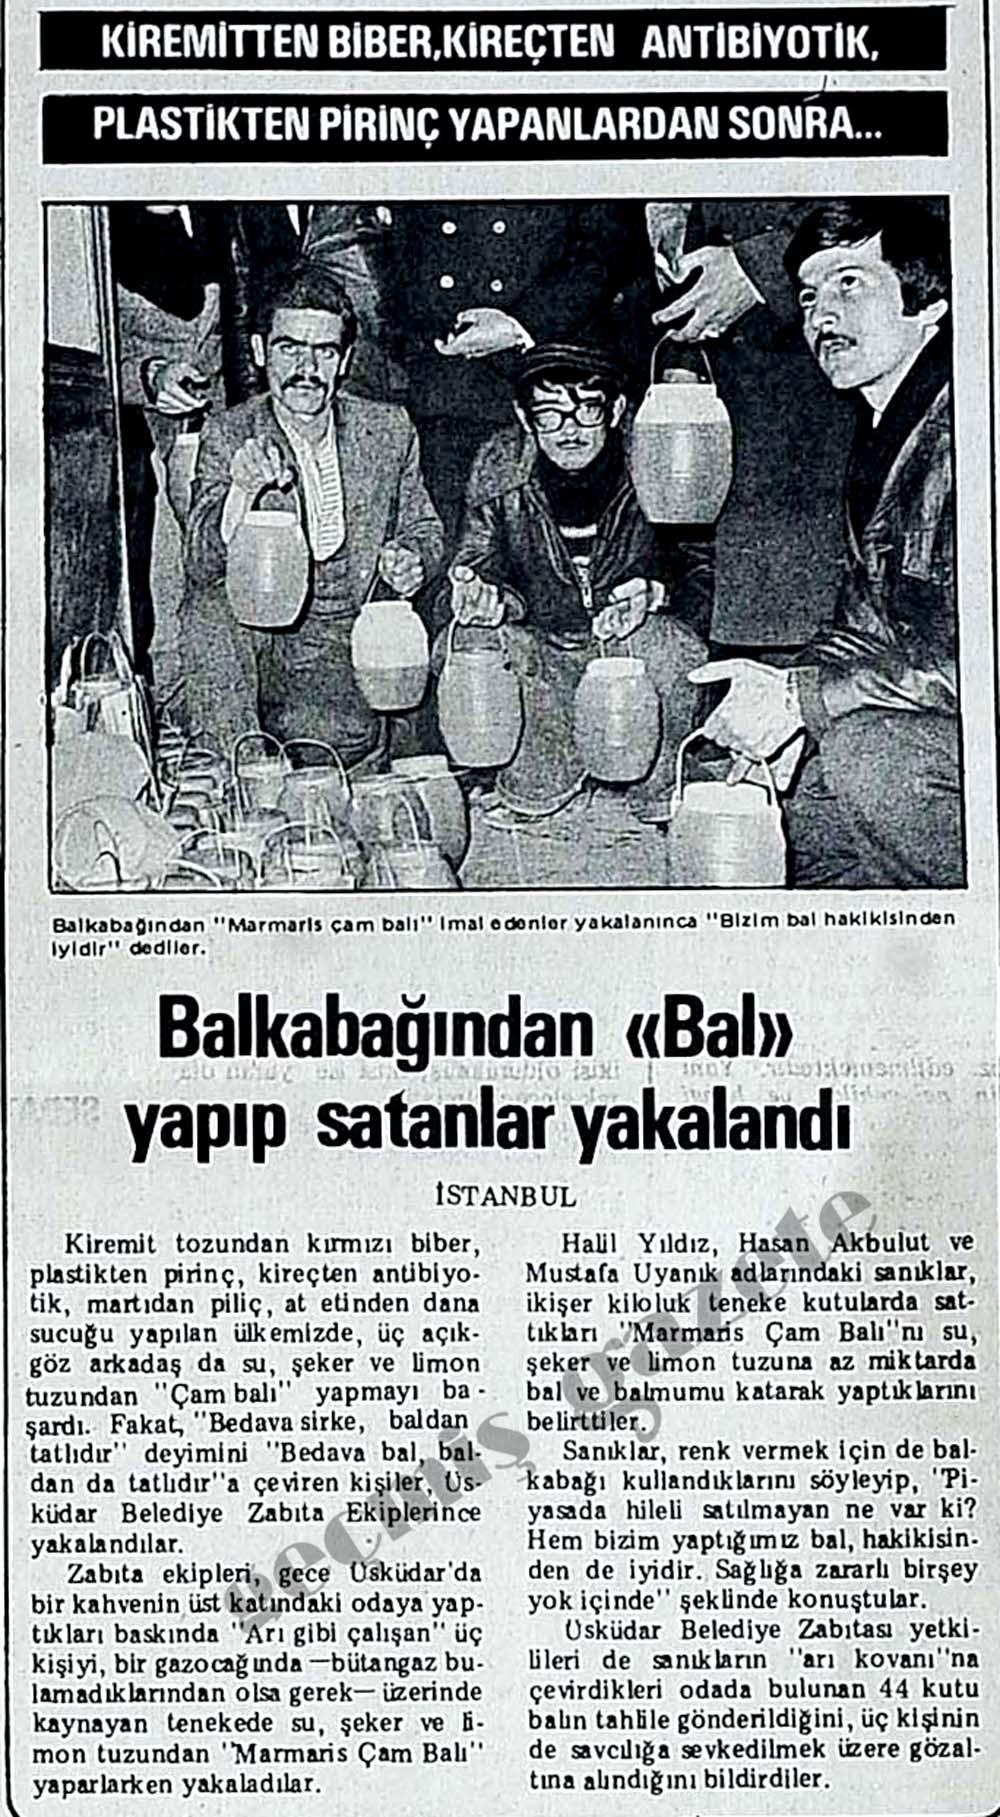 Kiremitten biber, kireçten antibiyotik yapanlardan sonra Balkabağından ''Bal'' yapıp satanlar yakalandı